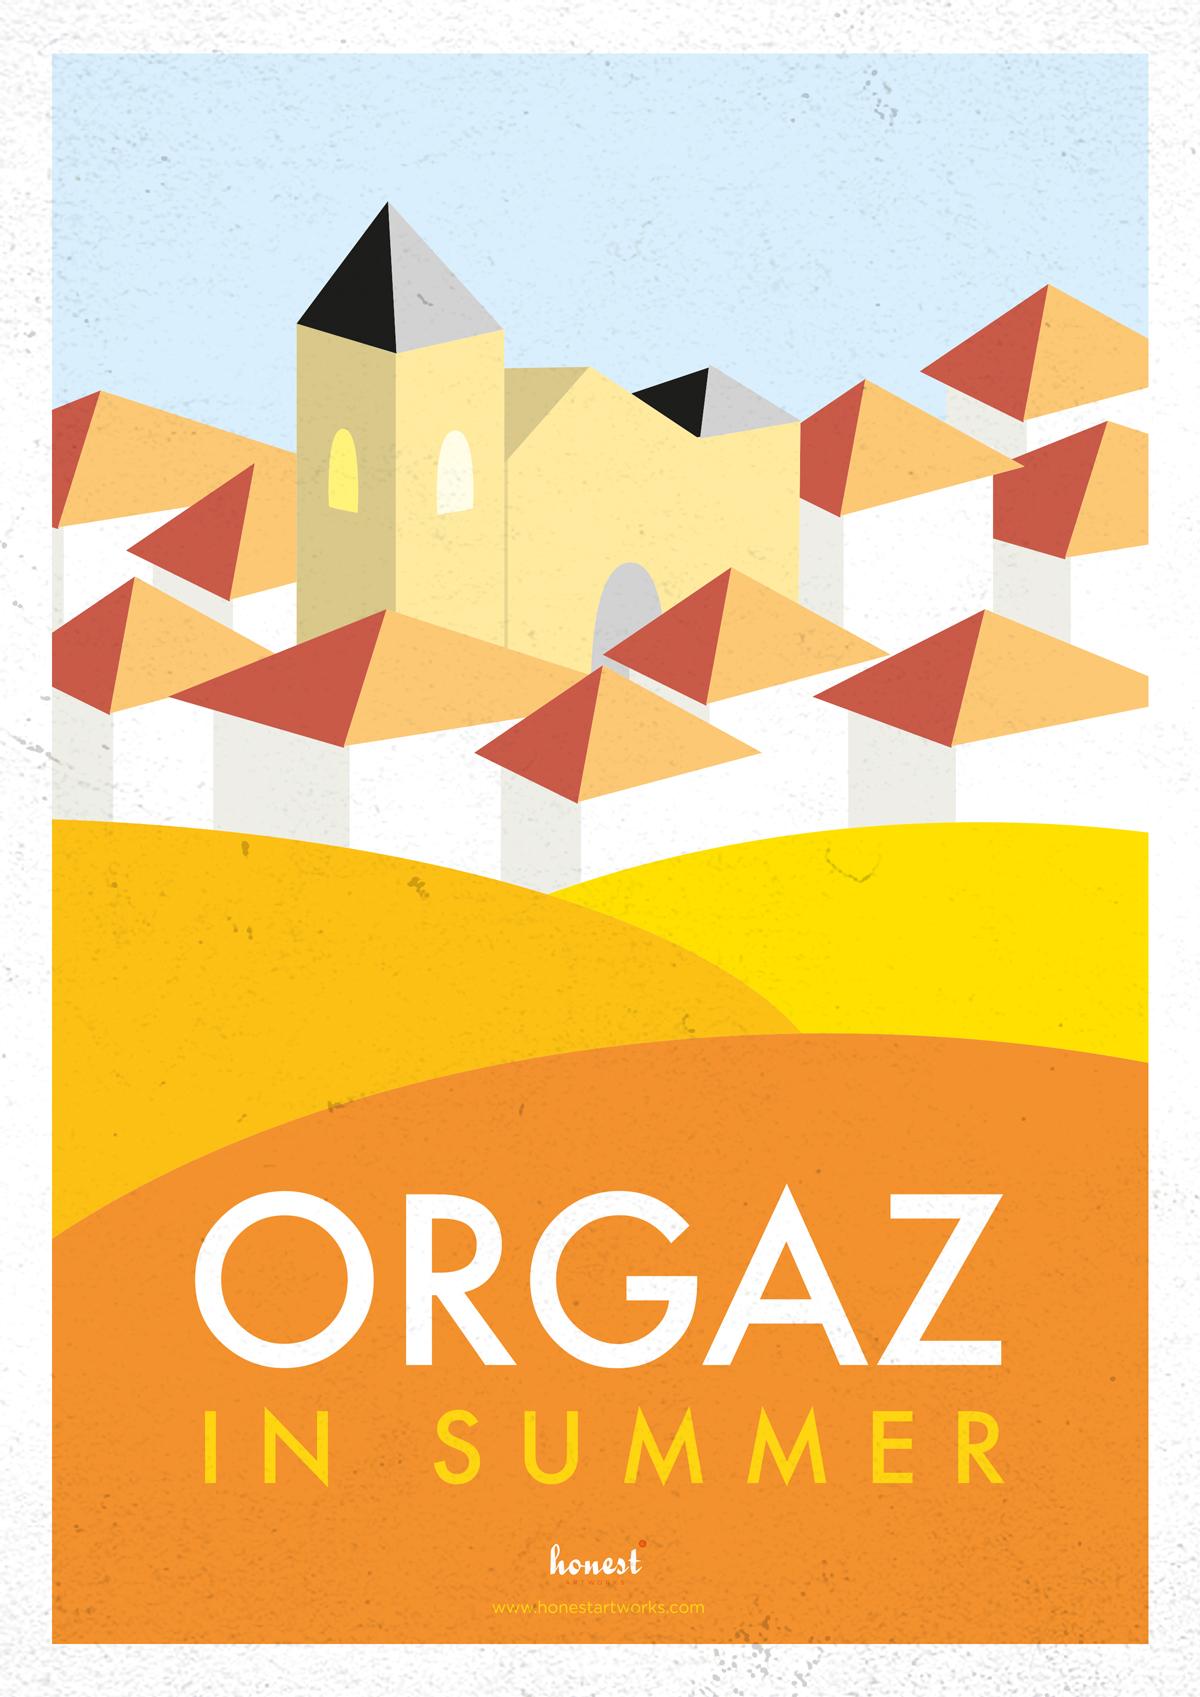 poster orgaz verano